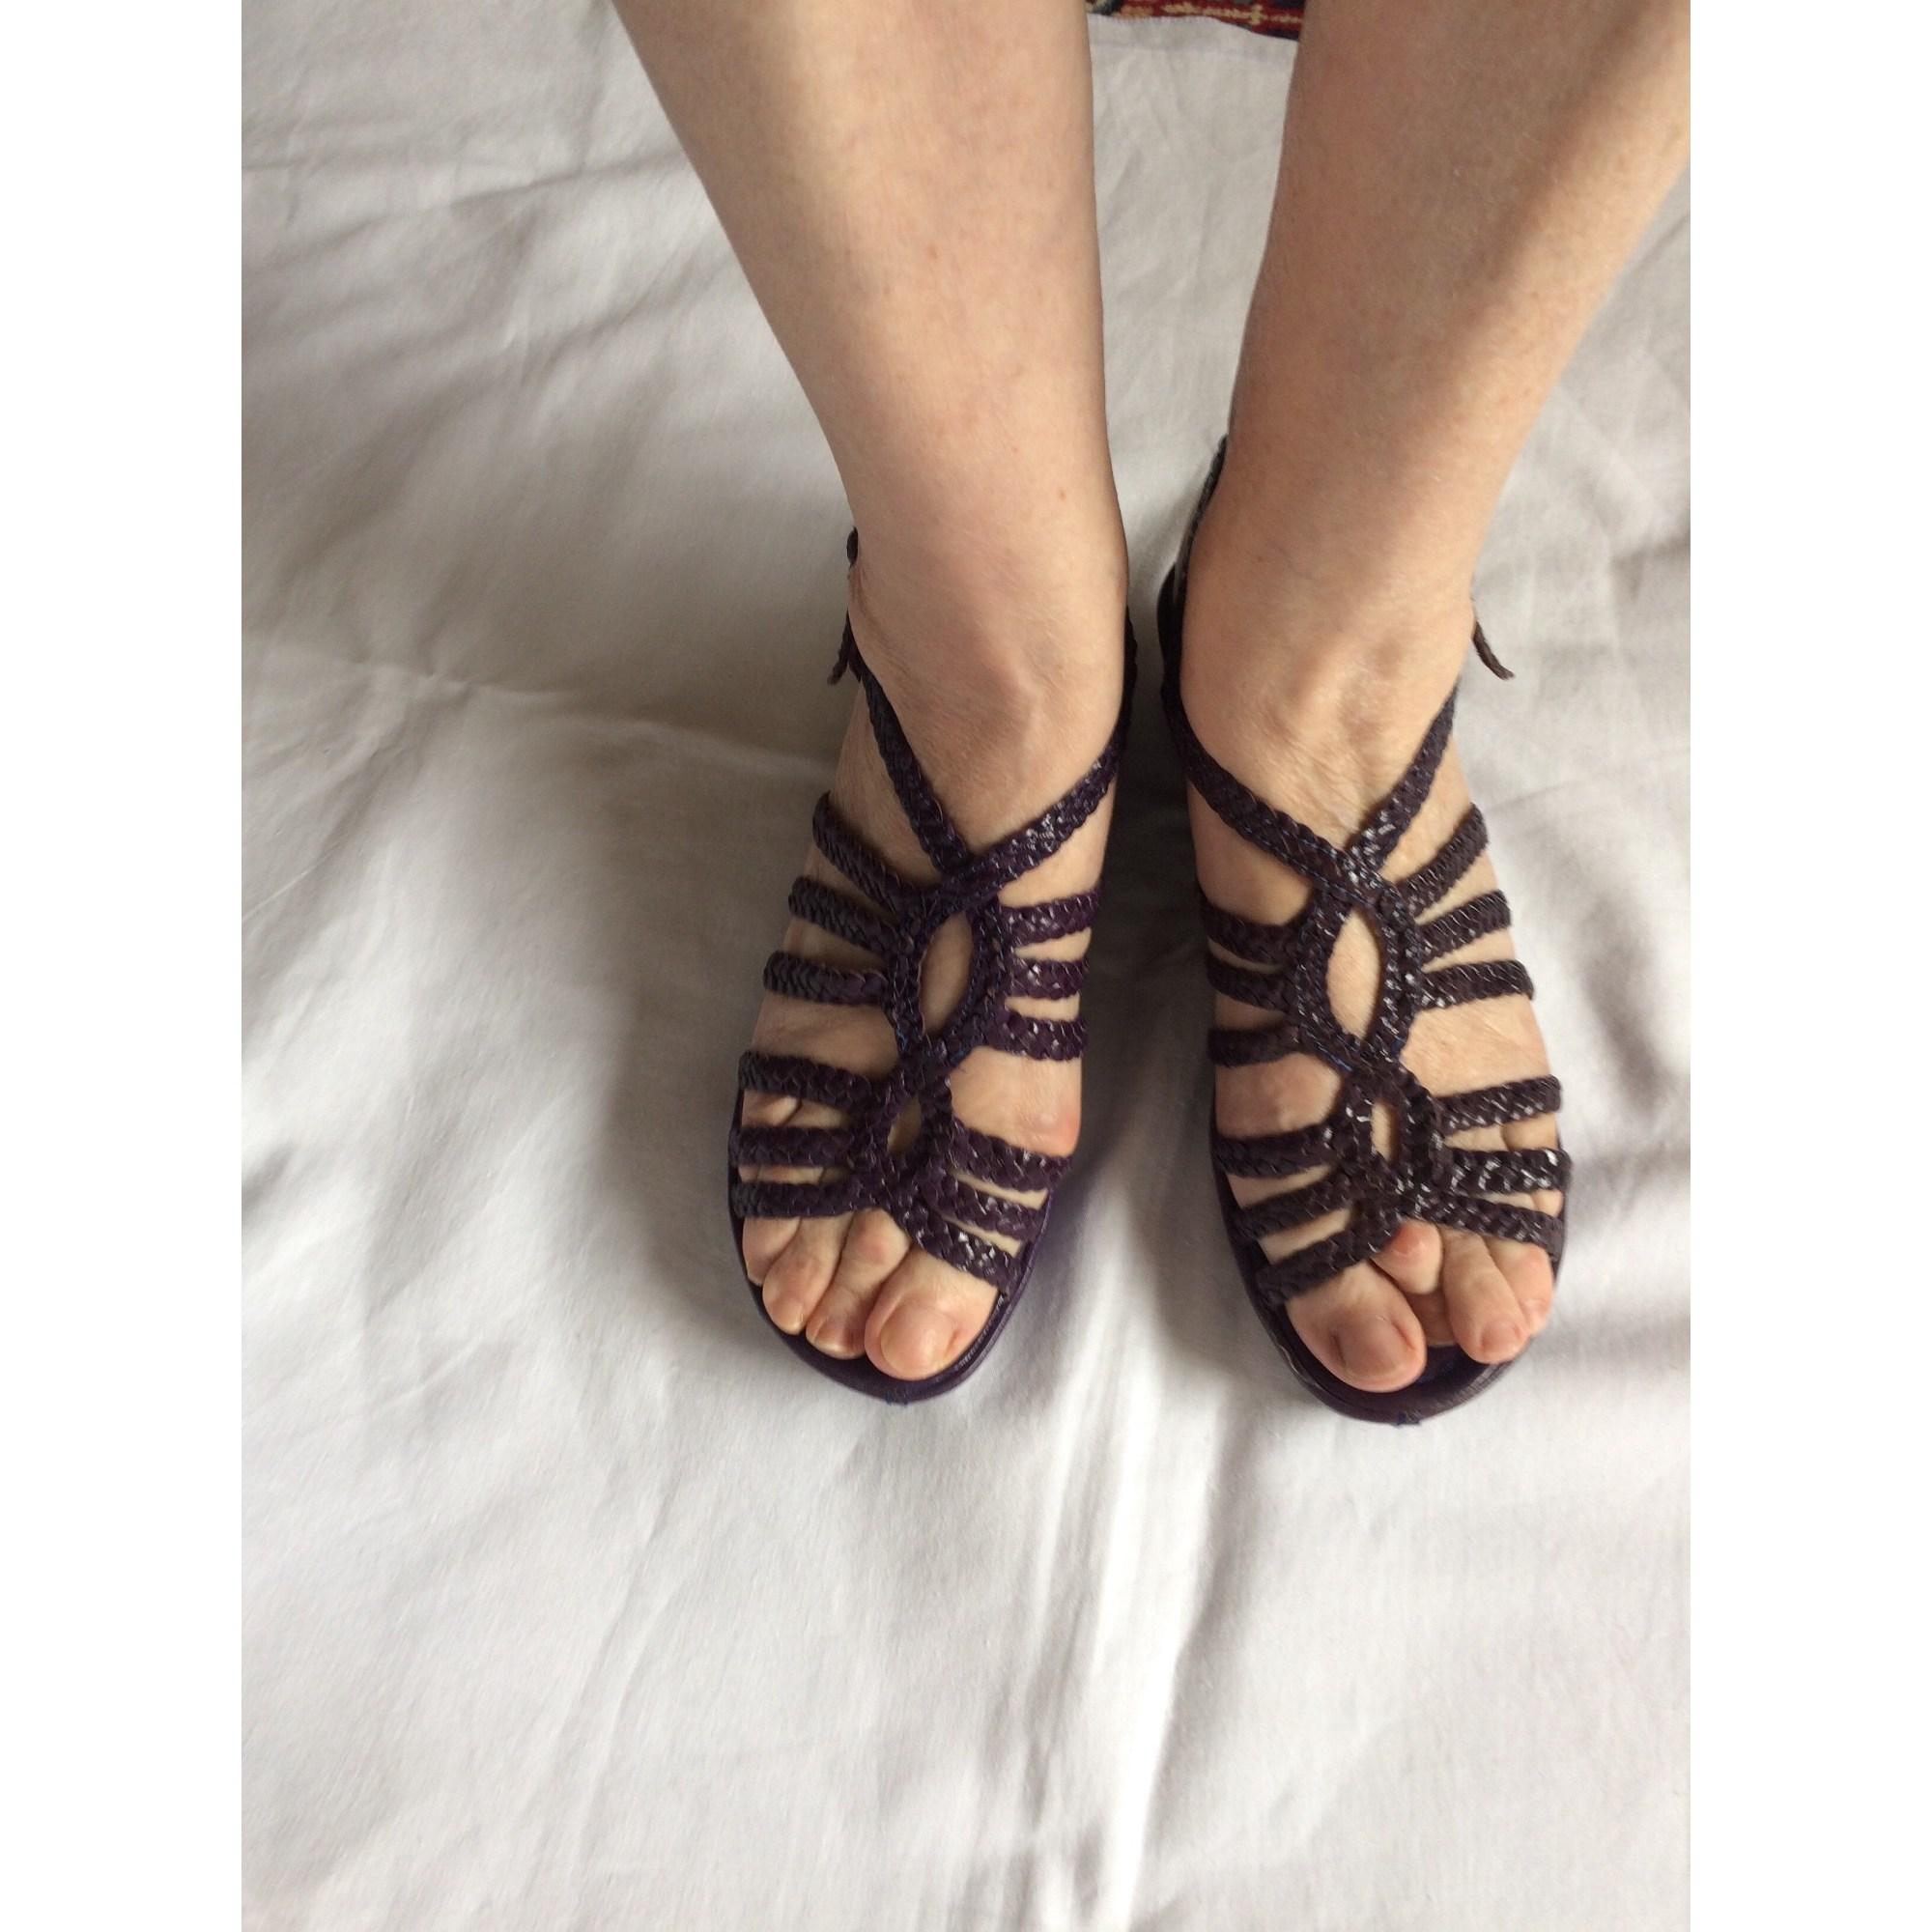 Sandales compensées FRANÇOIS PINET Violet, mauve, lavande